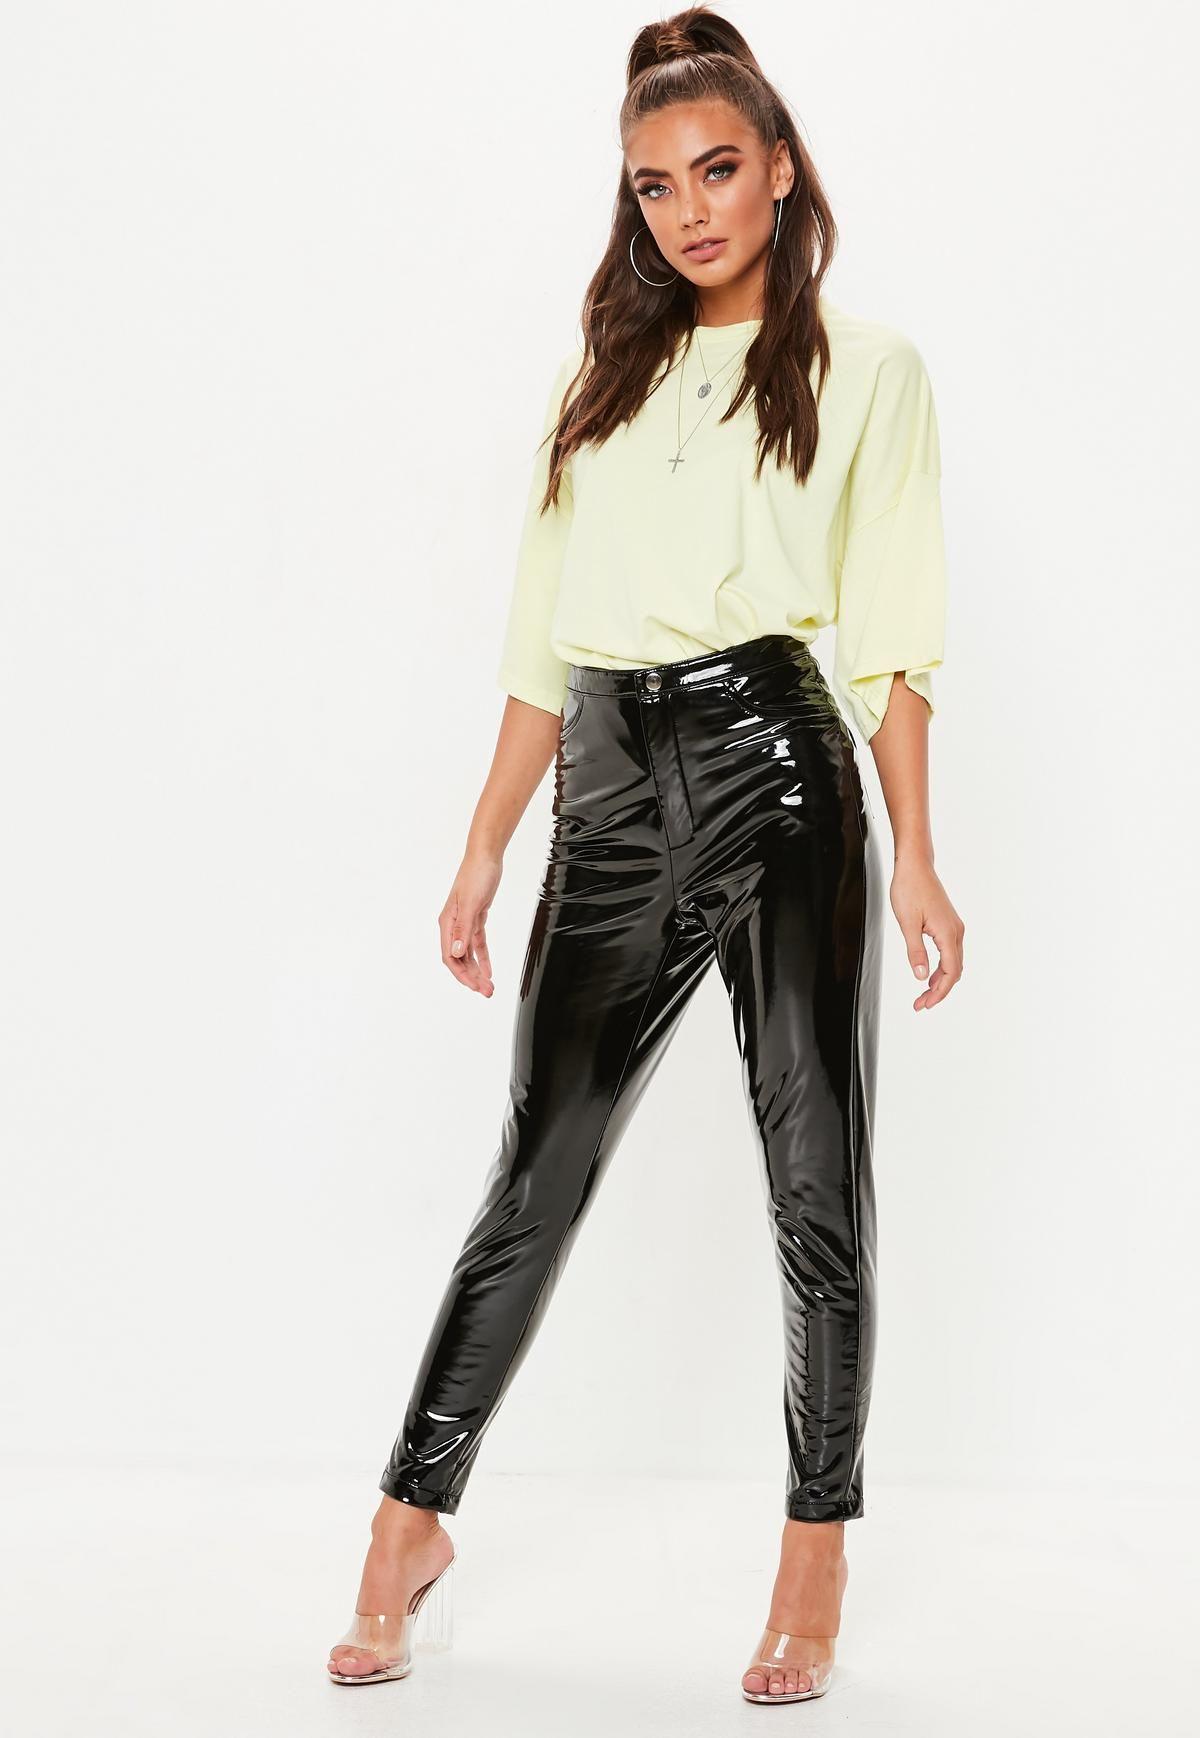 a2f17630a8c891 Black Vinyl Pants | Photos | Vinyl trousers, Pants, Missguided